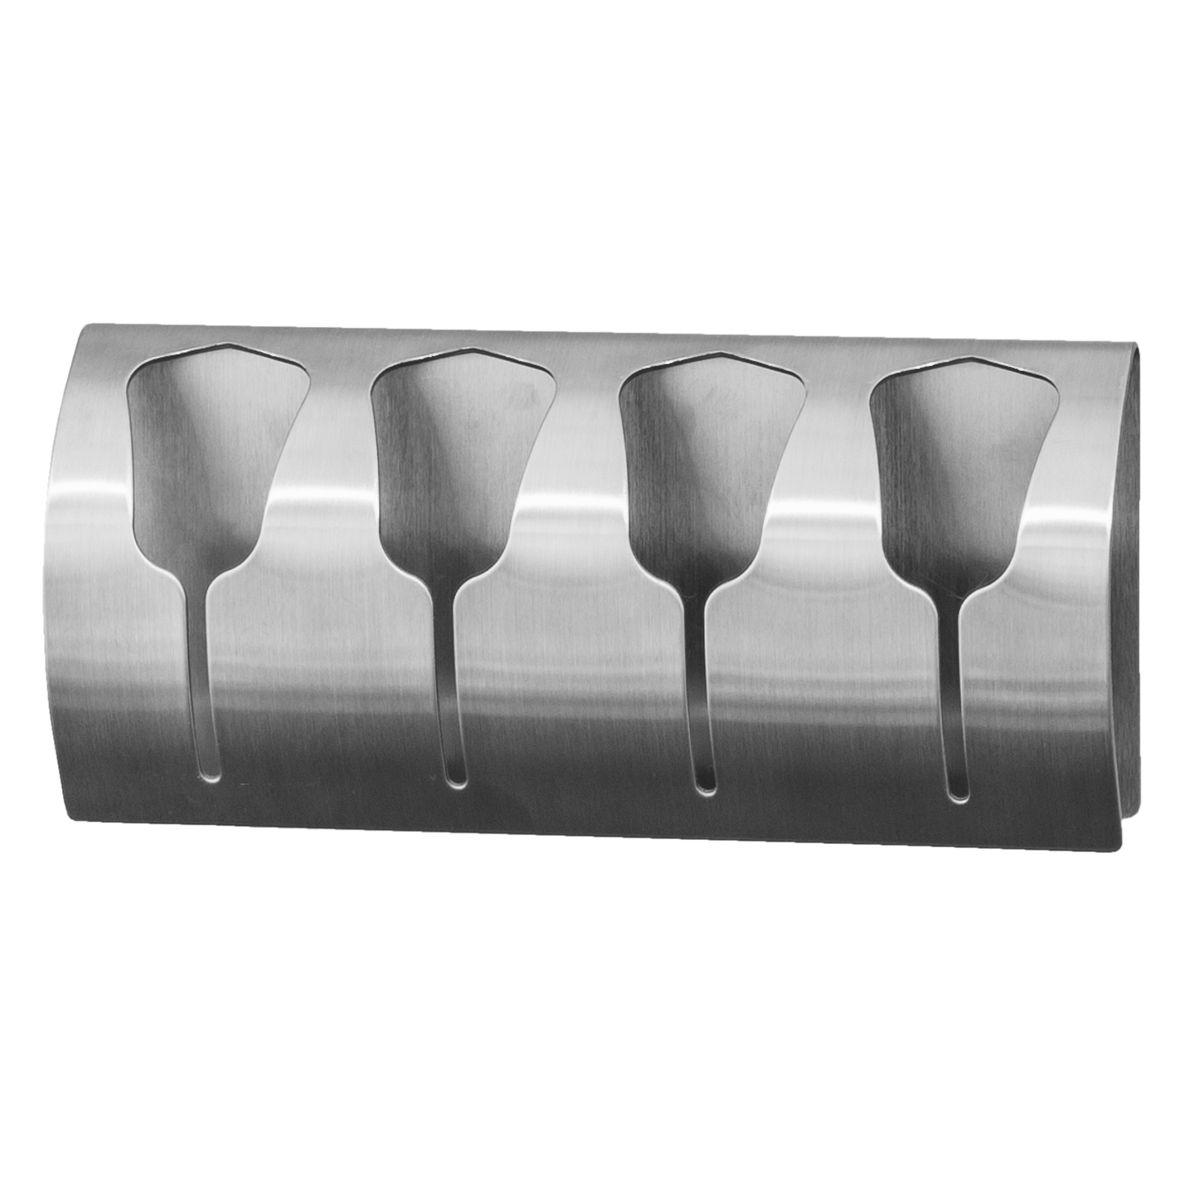 Вешалка Tatkraft Florida, самоклеющаяся, для 4 полотенец106-029Tatkraft FLORIDA Самоклеющаяся вешалка для 4 полотенец из нержавеющей стали, не боится влаги, удобна в использовании. Легкая установка (инструкция на упаковке), надежный клеевой слой, выдерживает вес до 15 кг. Упаковка: блистер.